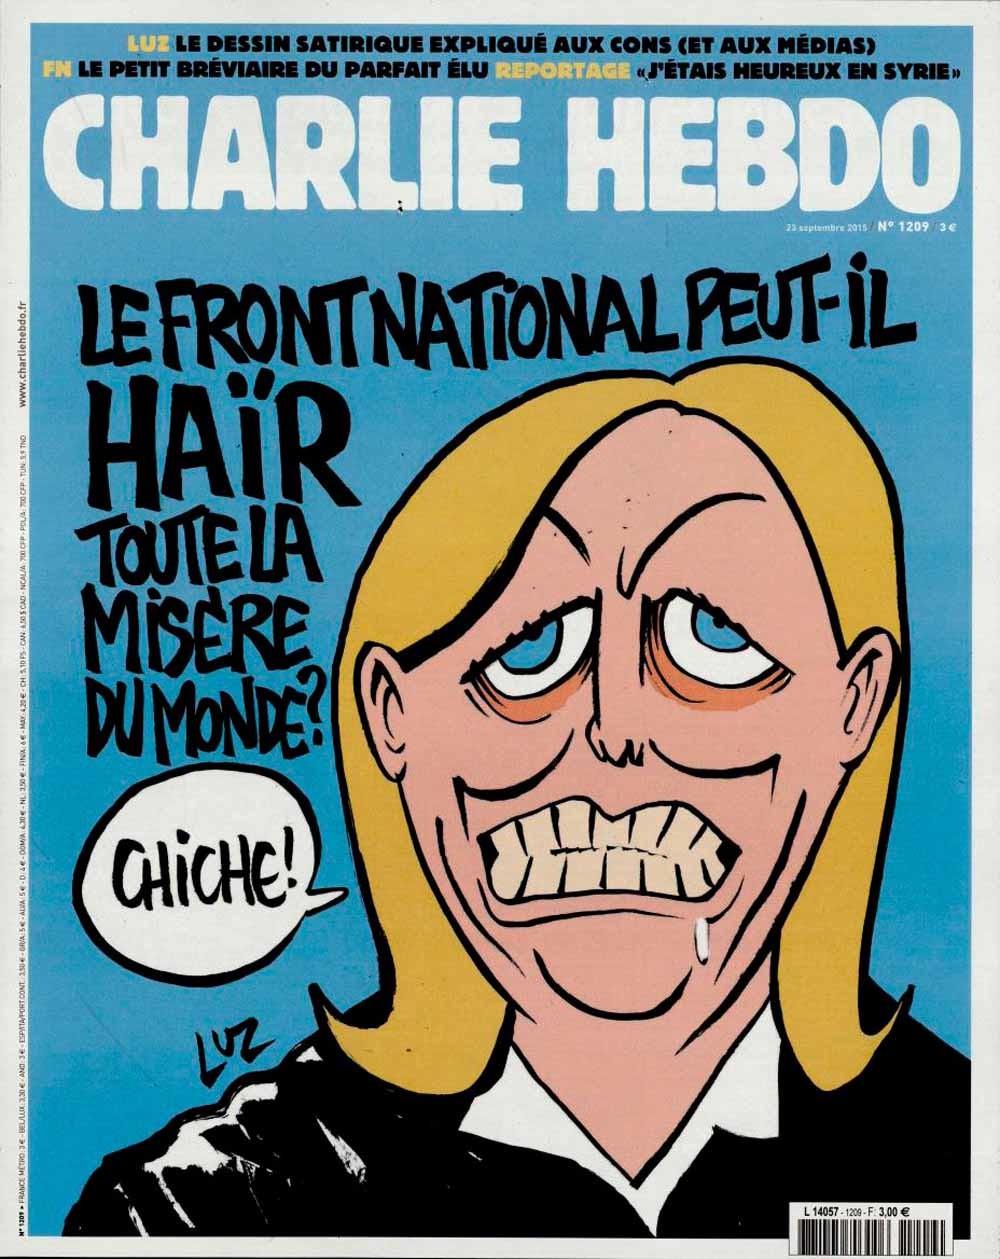 4 x cover van Charlie Hebdo. 1. 'Kan het Front National alle ellende van de wereld haten?'; 2.  Intouchables. 'Daar moet je niet mee spotten!'; 3. 'Honderd zweepslagen als je je niet dood lacht!'; 4. 'Liefde is sterker dan haat.'